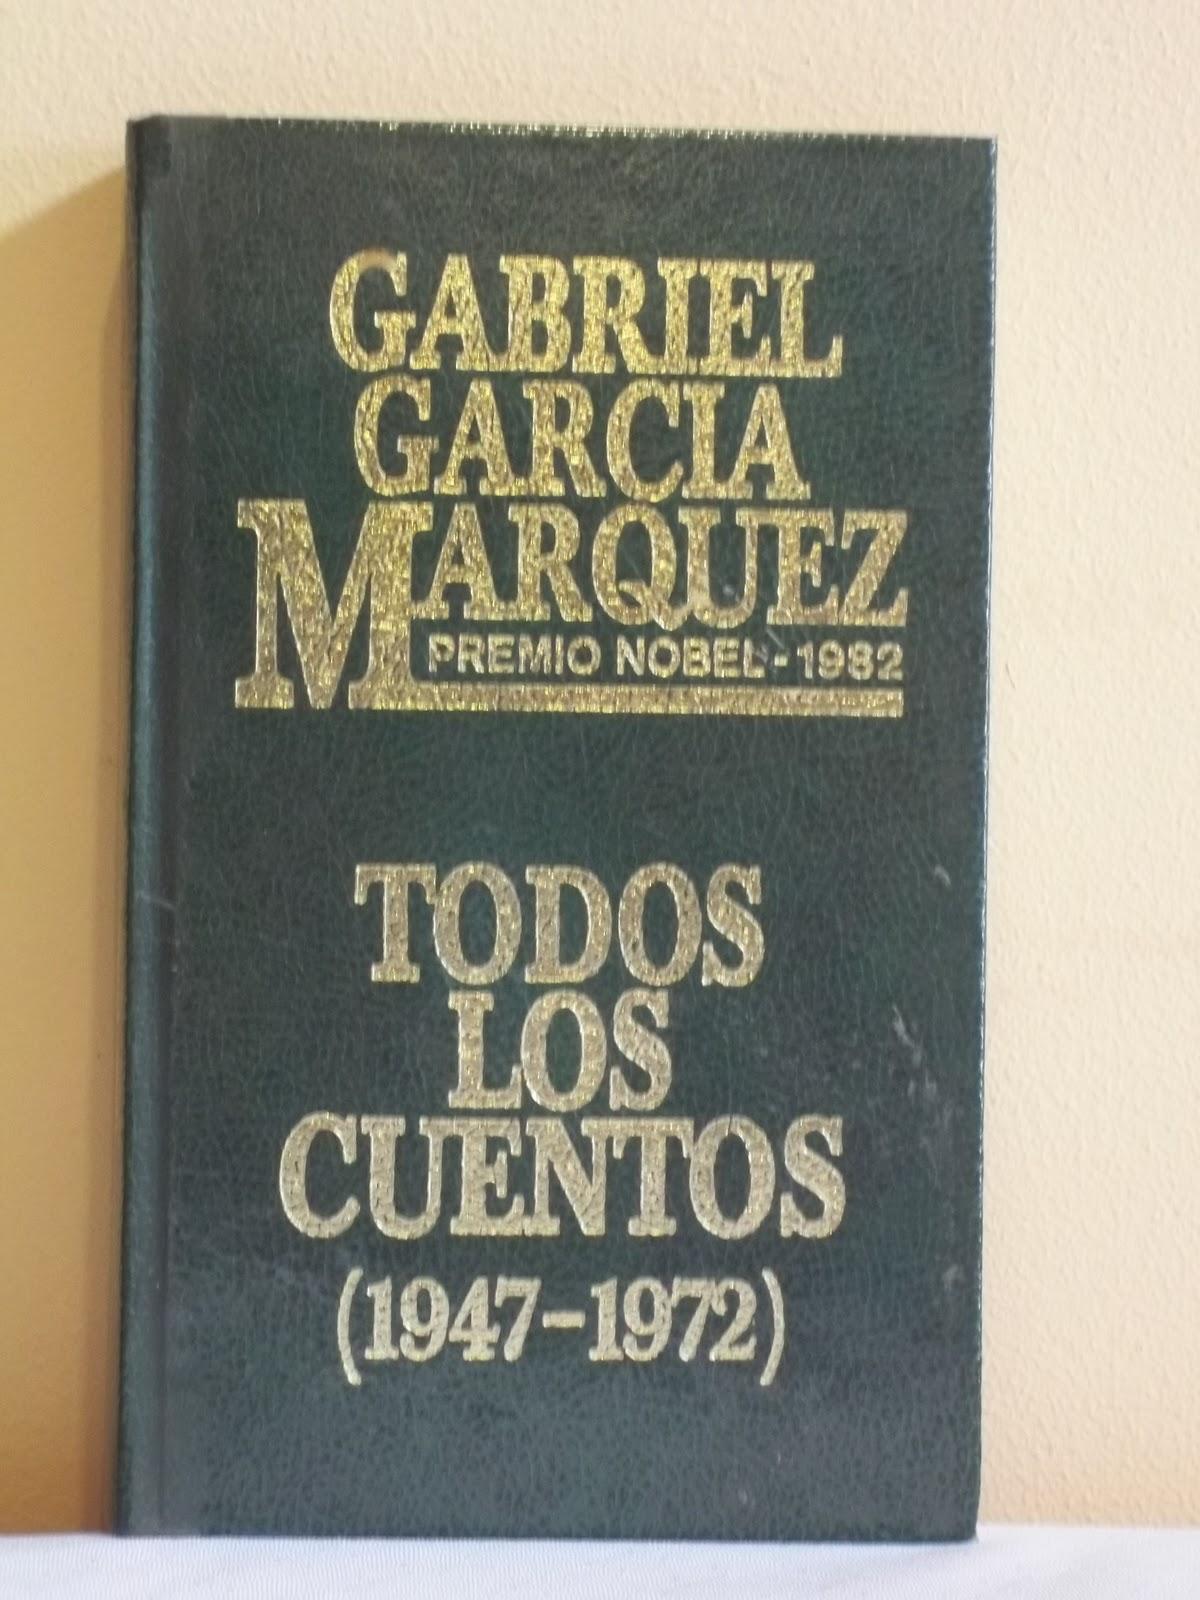 Todos los cuentos gabriel garc a m rquez librajes for Cuentos de gabriel garcia marquez